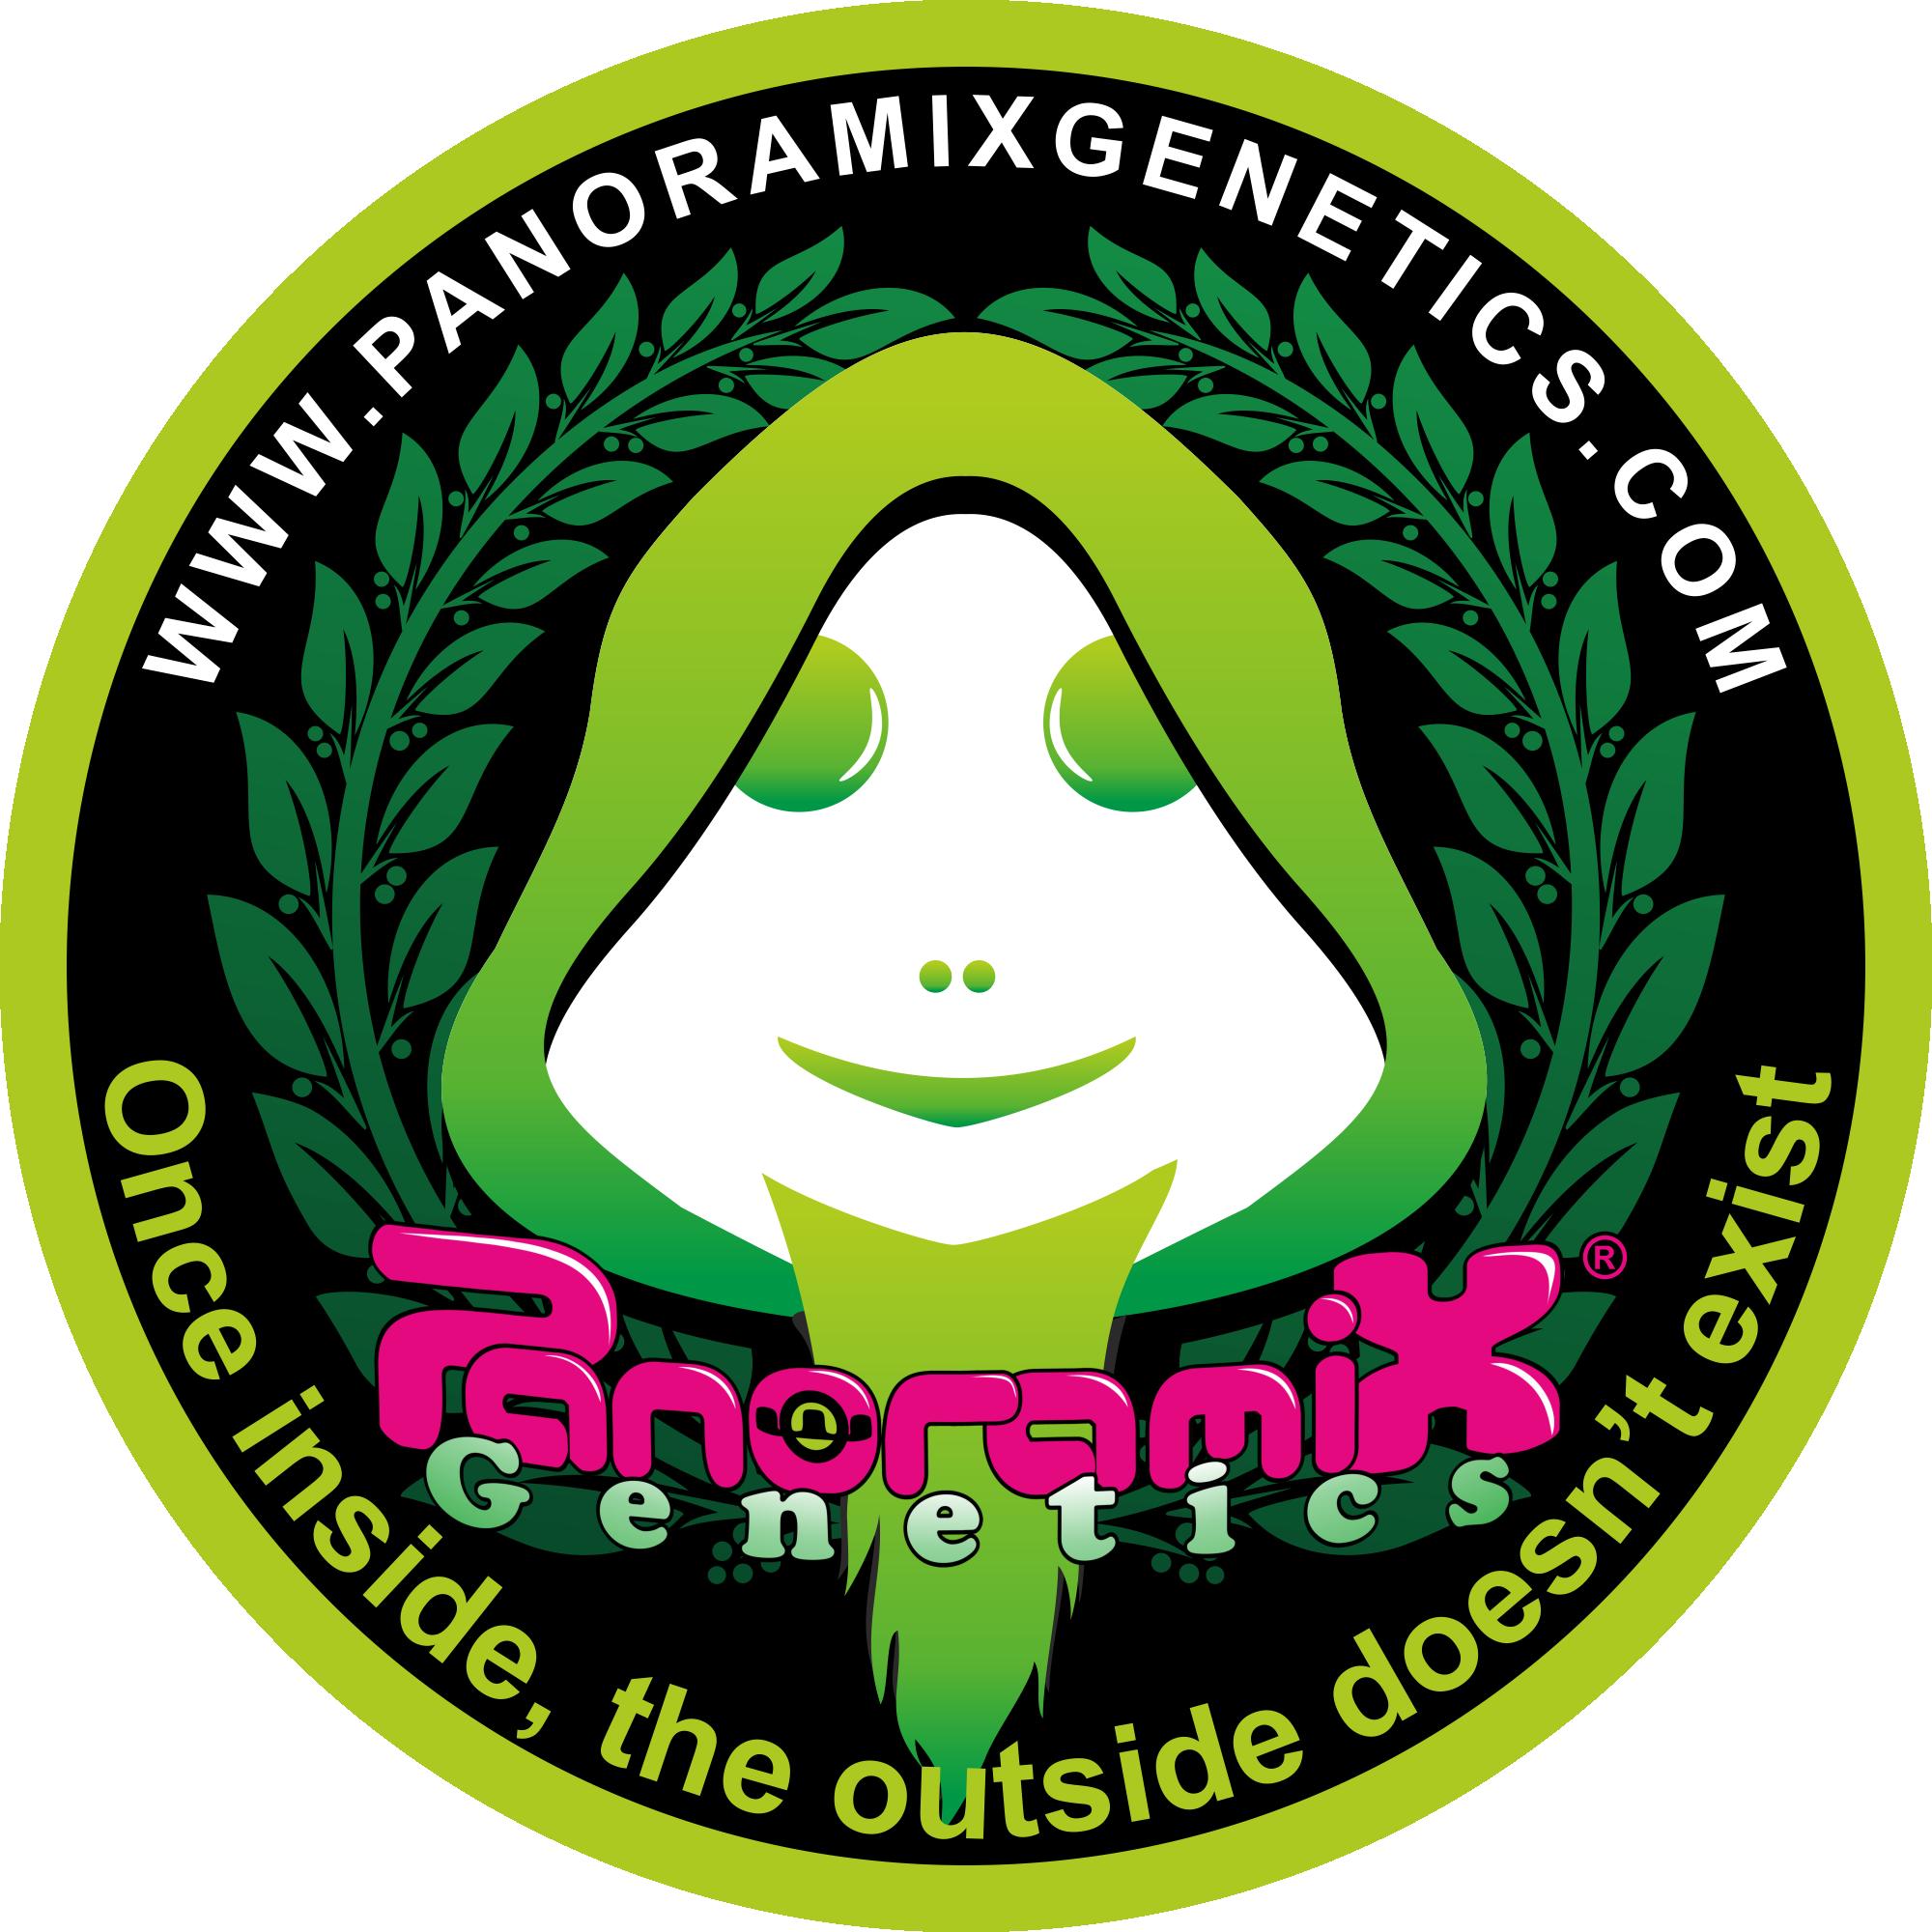 PANORAMIX SEEDS